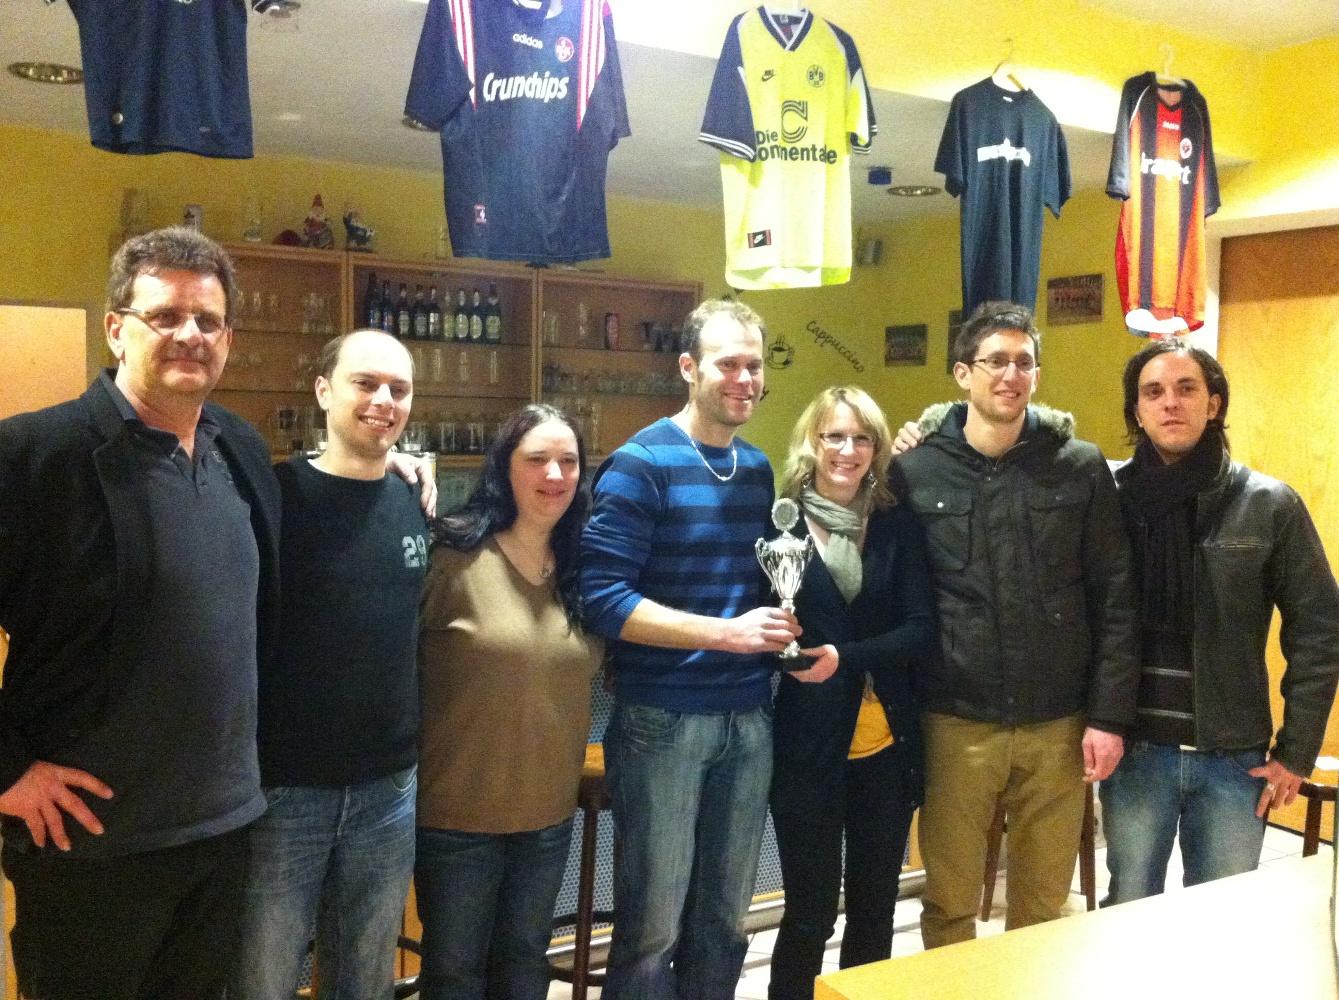 Bauerturnier 2013 - Die Siegerteams